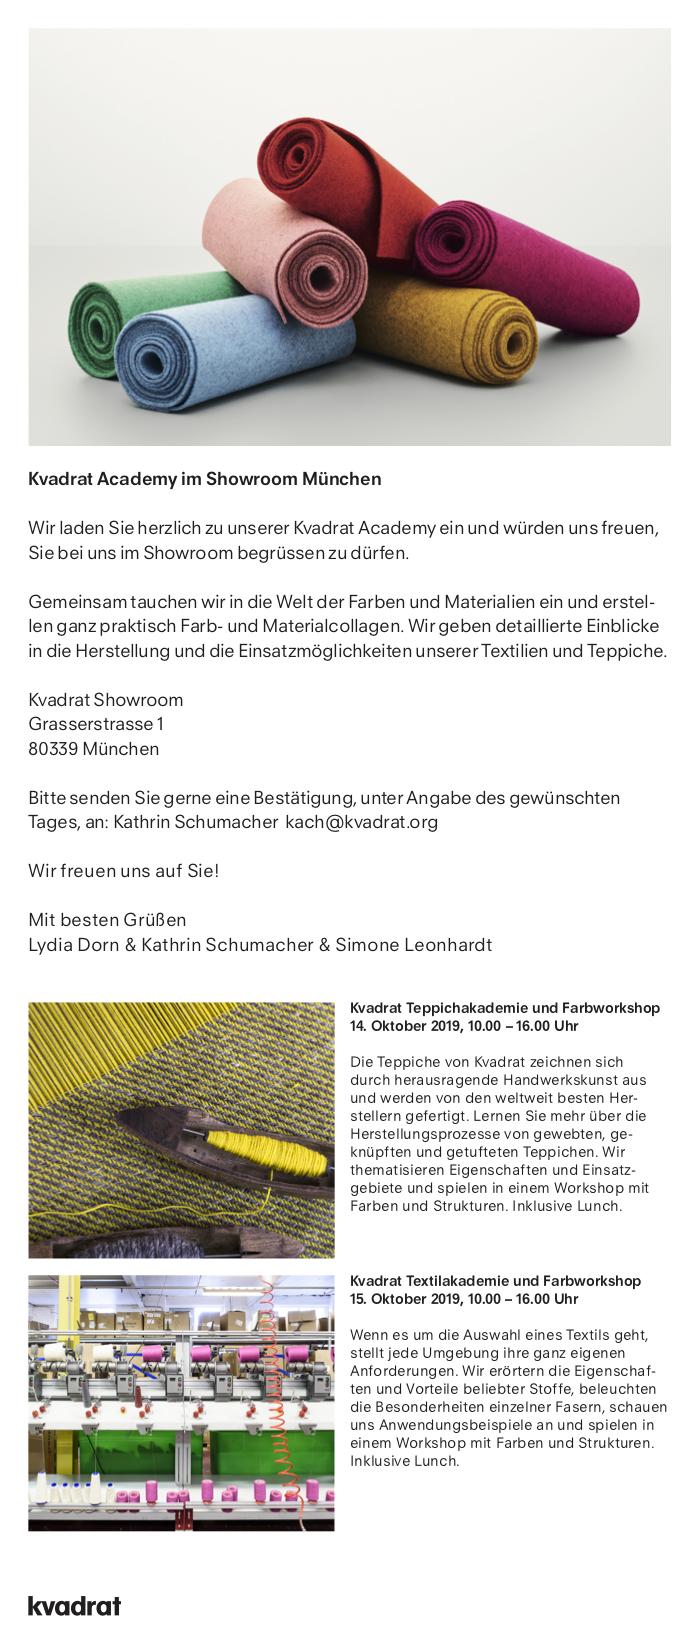 KV_Academy Days München 2019